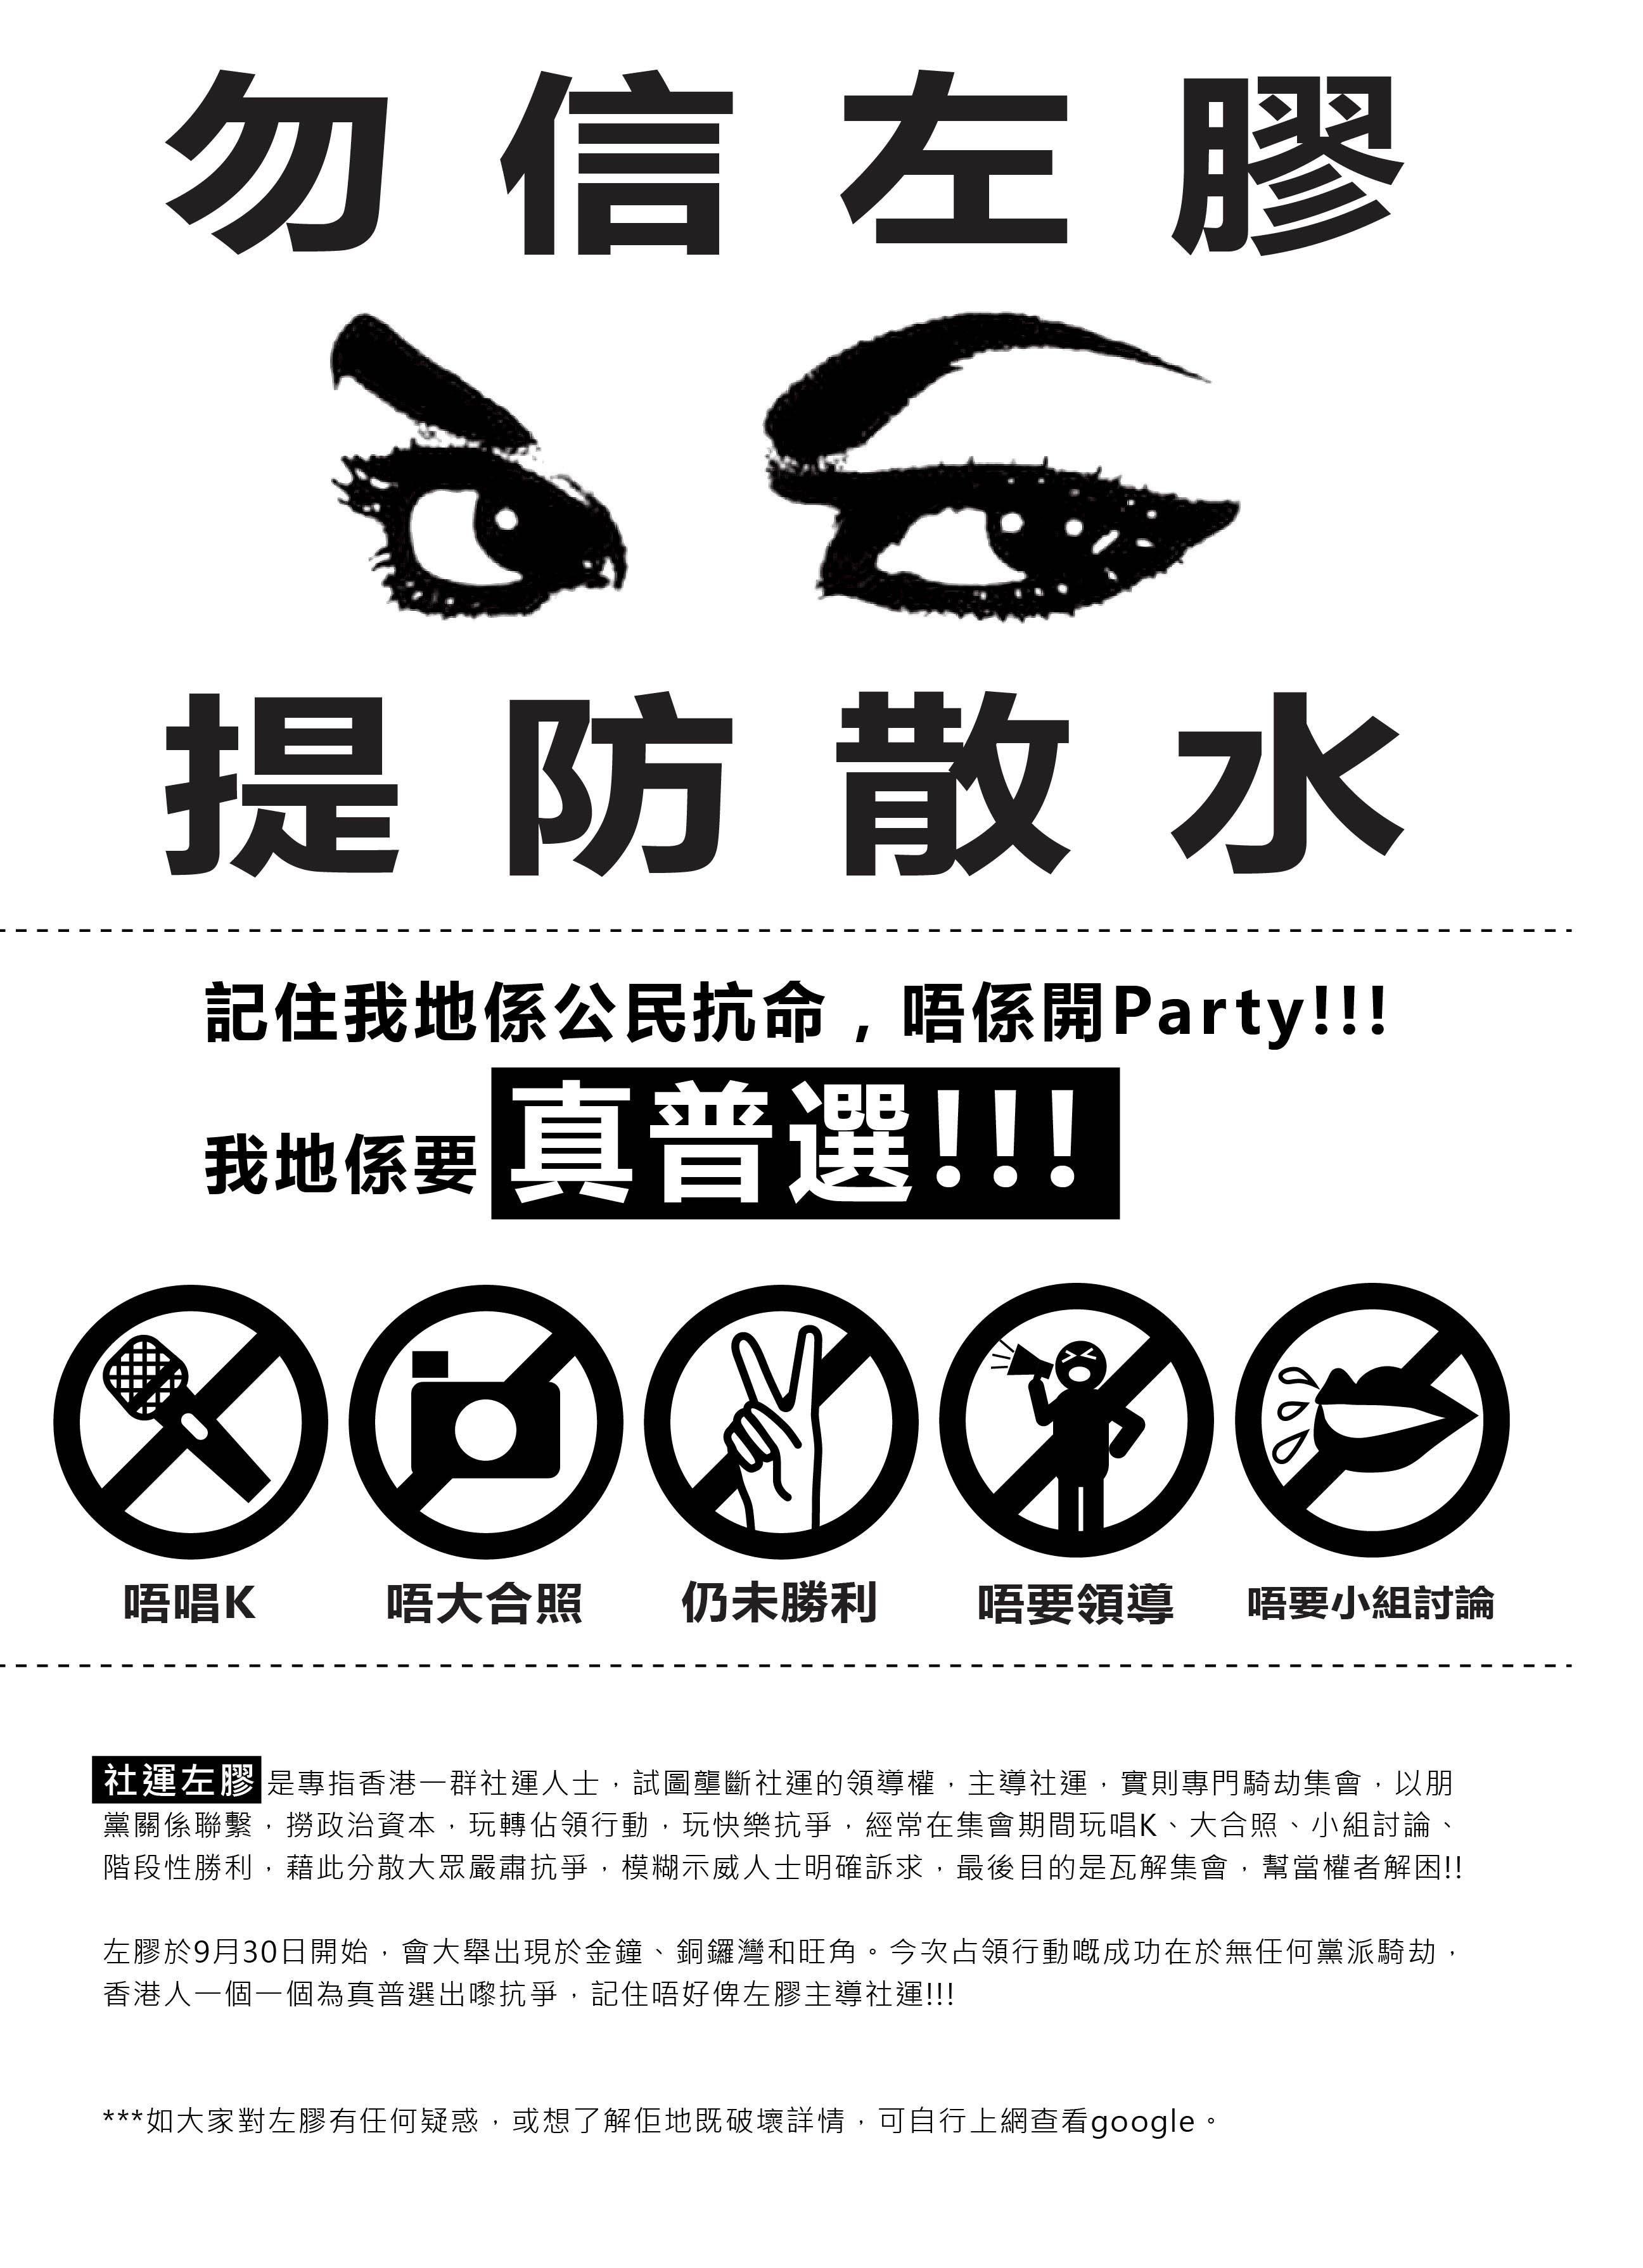 雨傘革命之大會爭議